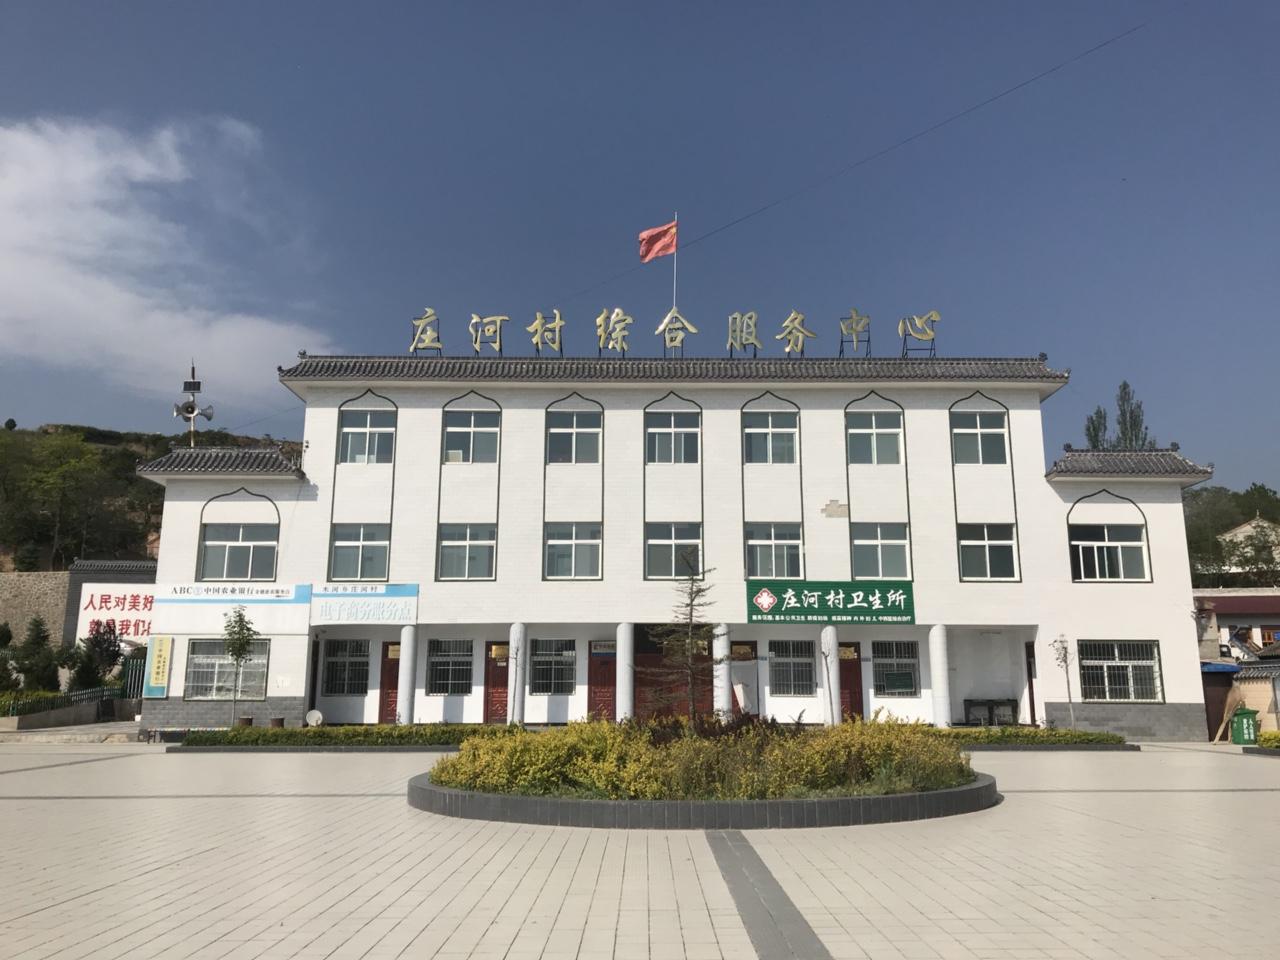 【文化惠民】美丽的木河综合文化服务中心了却了我们心中的乡愁